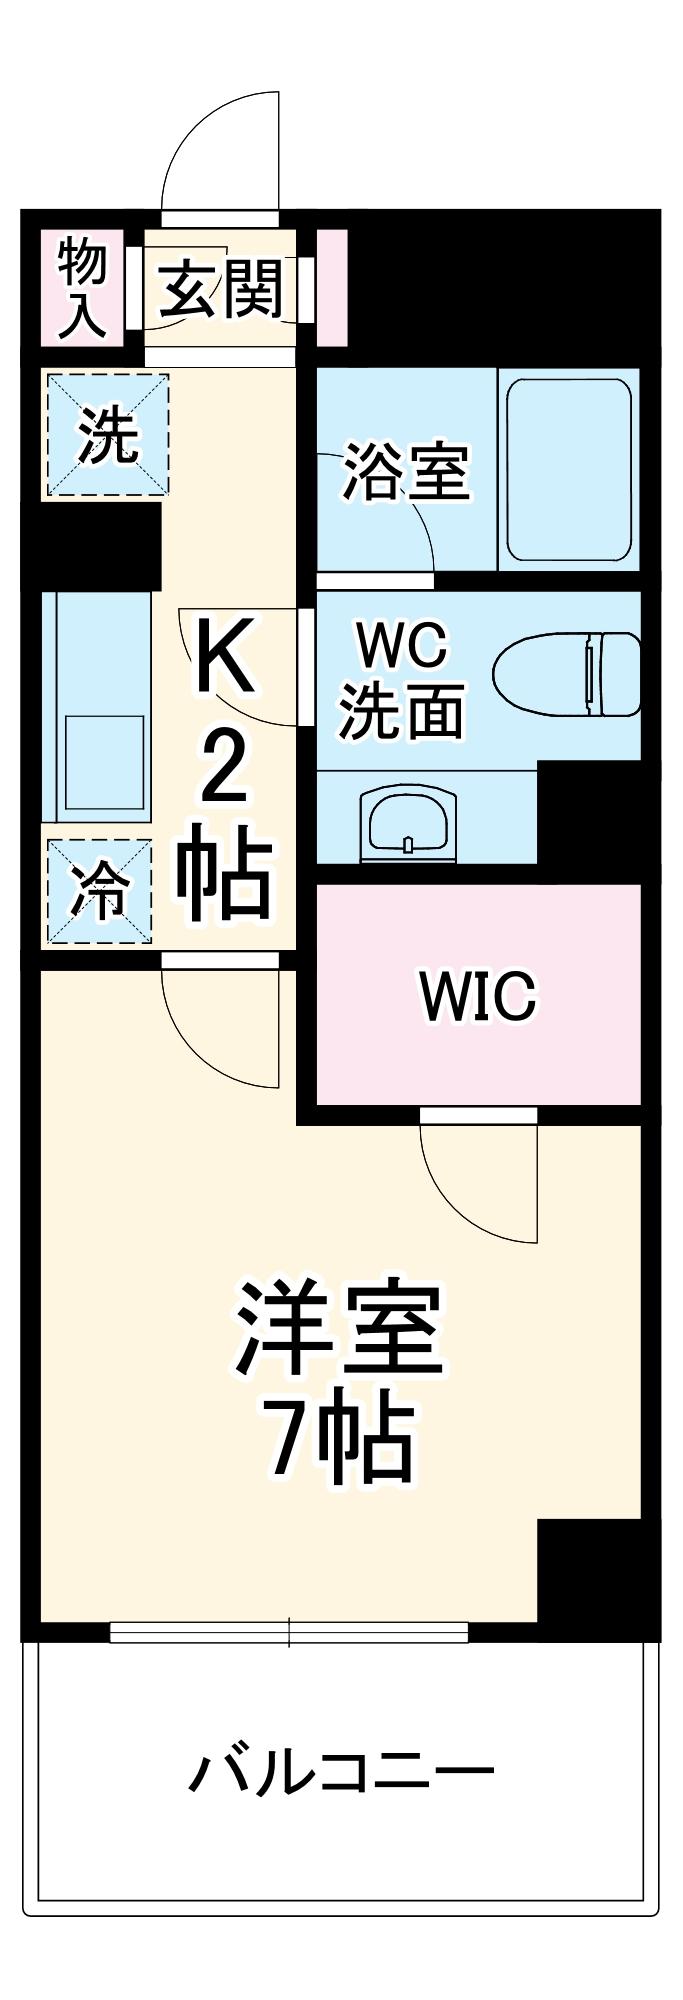 フィーノ武蔵小杉 402号室の間取り